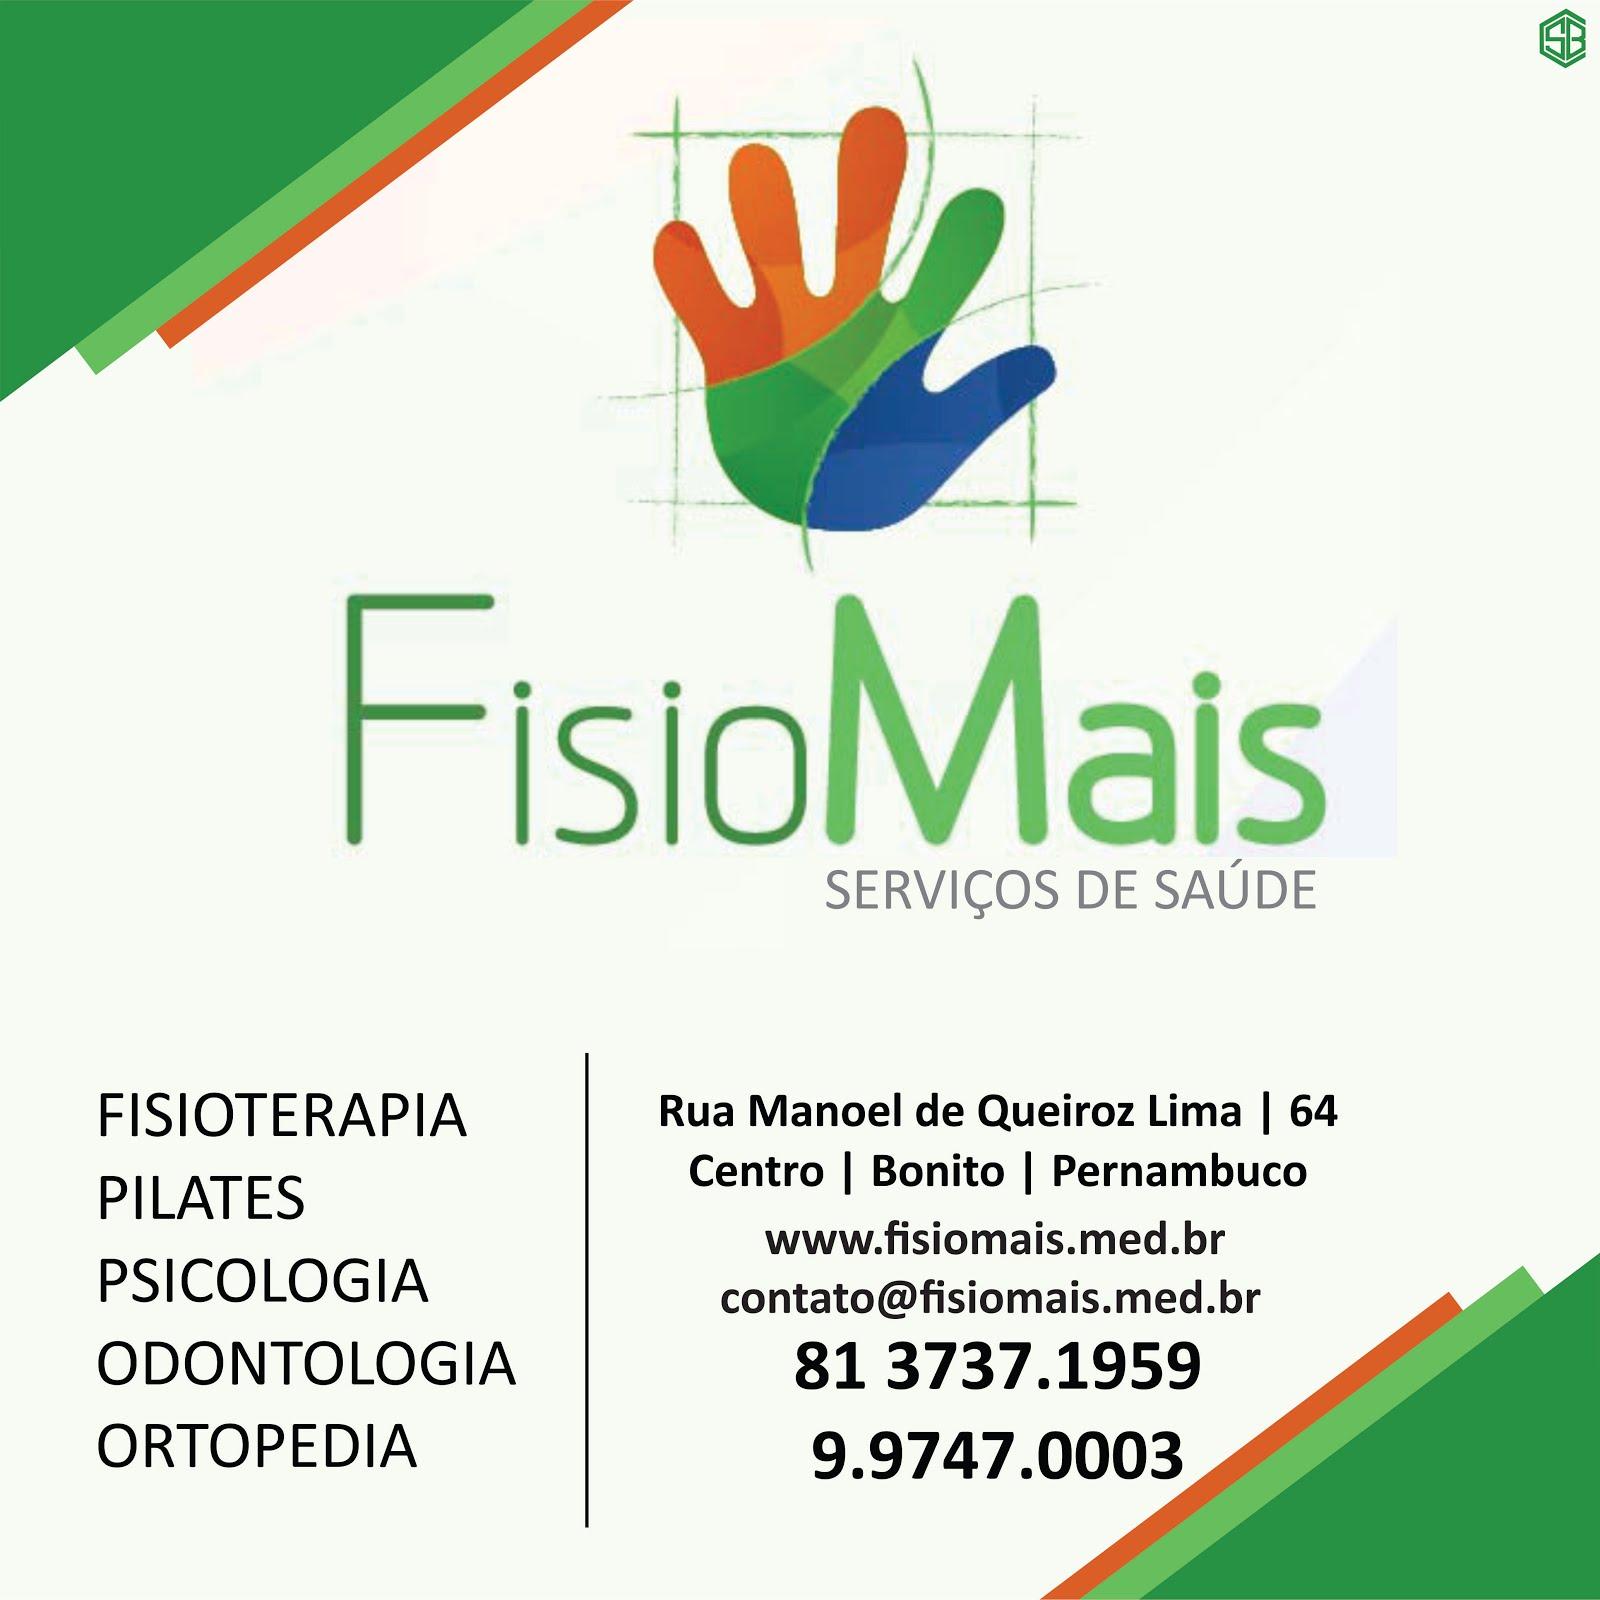 FisioMais Serviços de Saúde